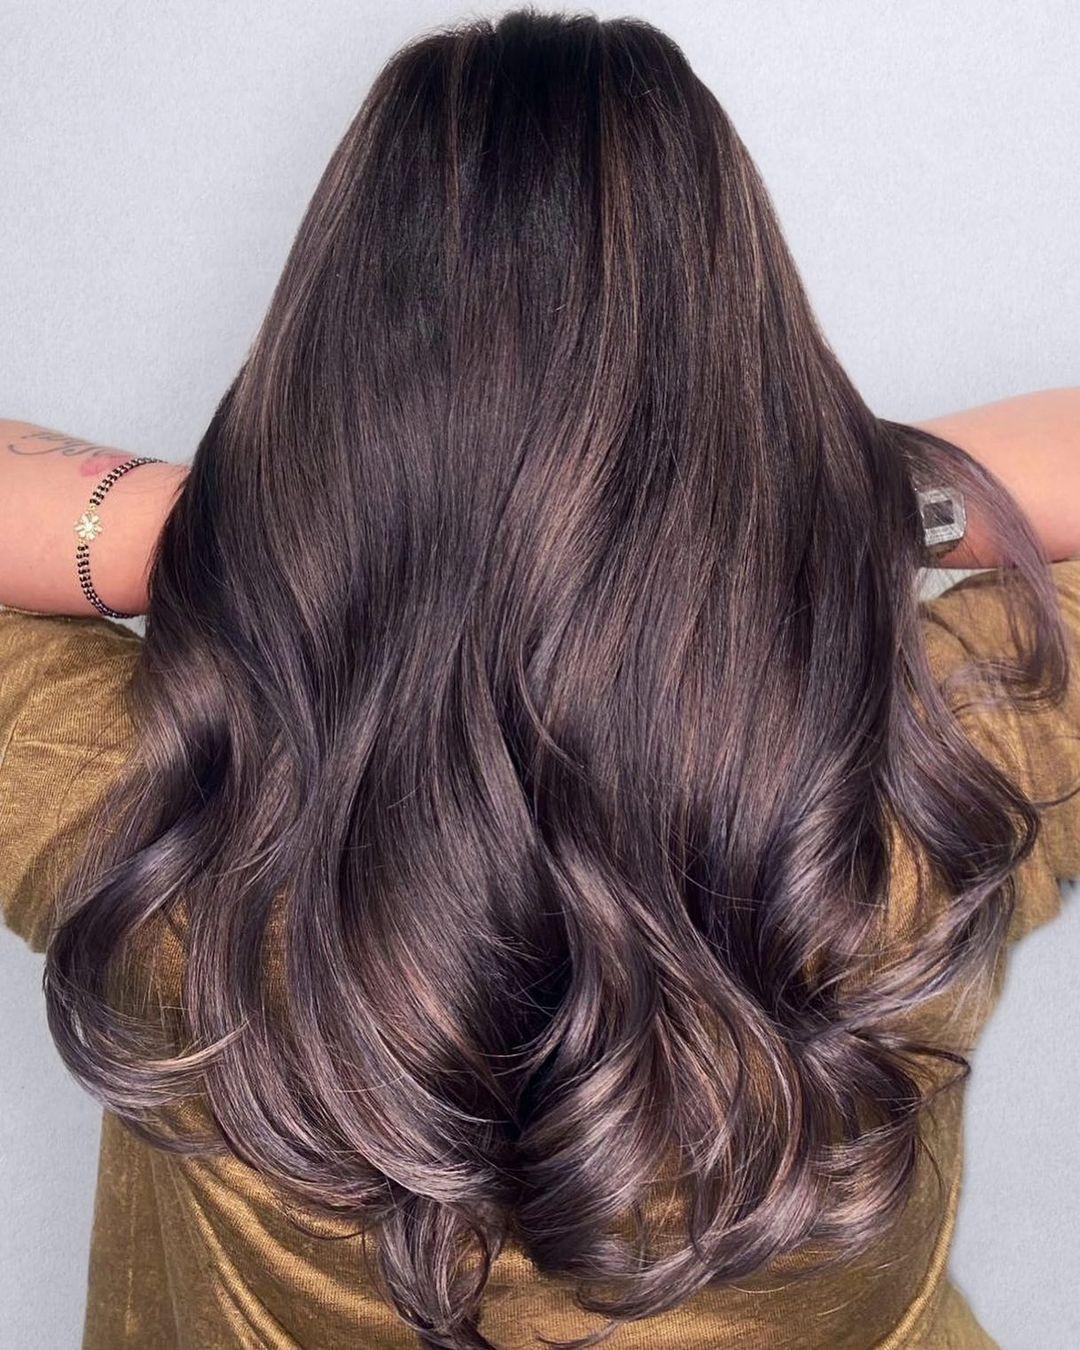 dark hair colors inspo